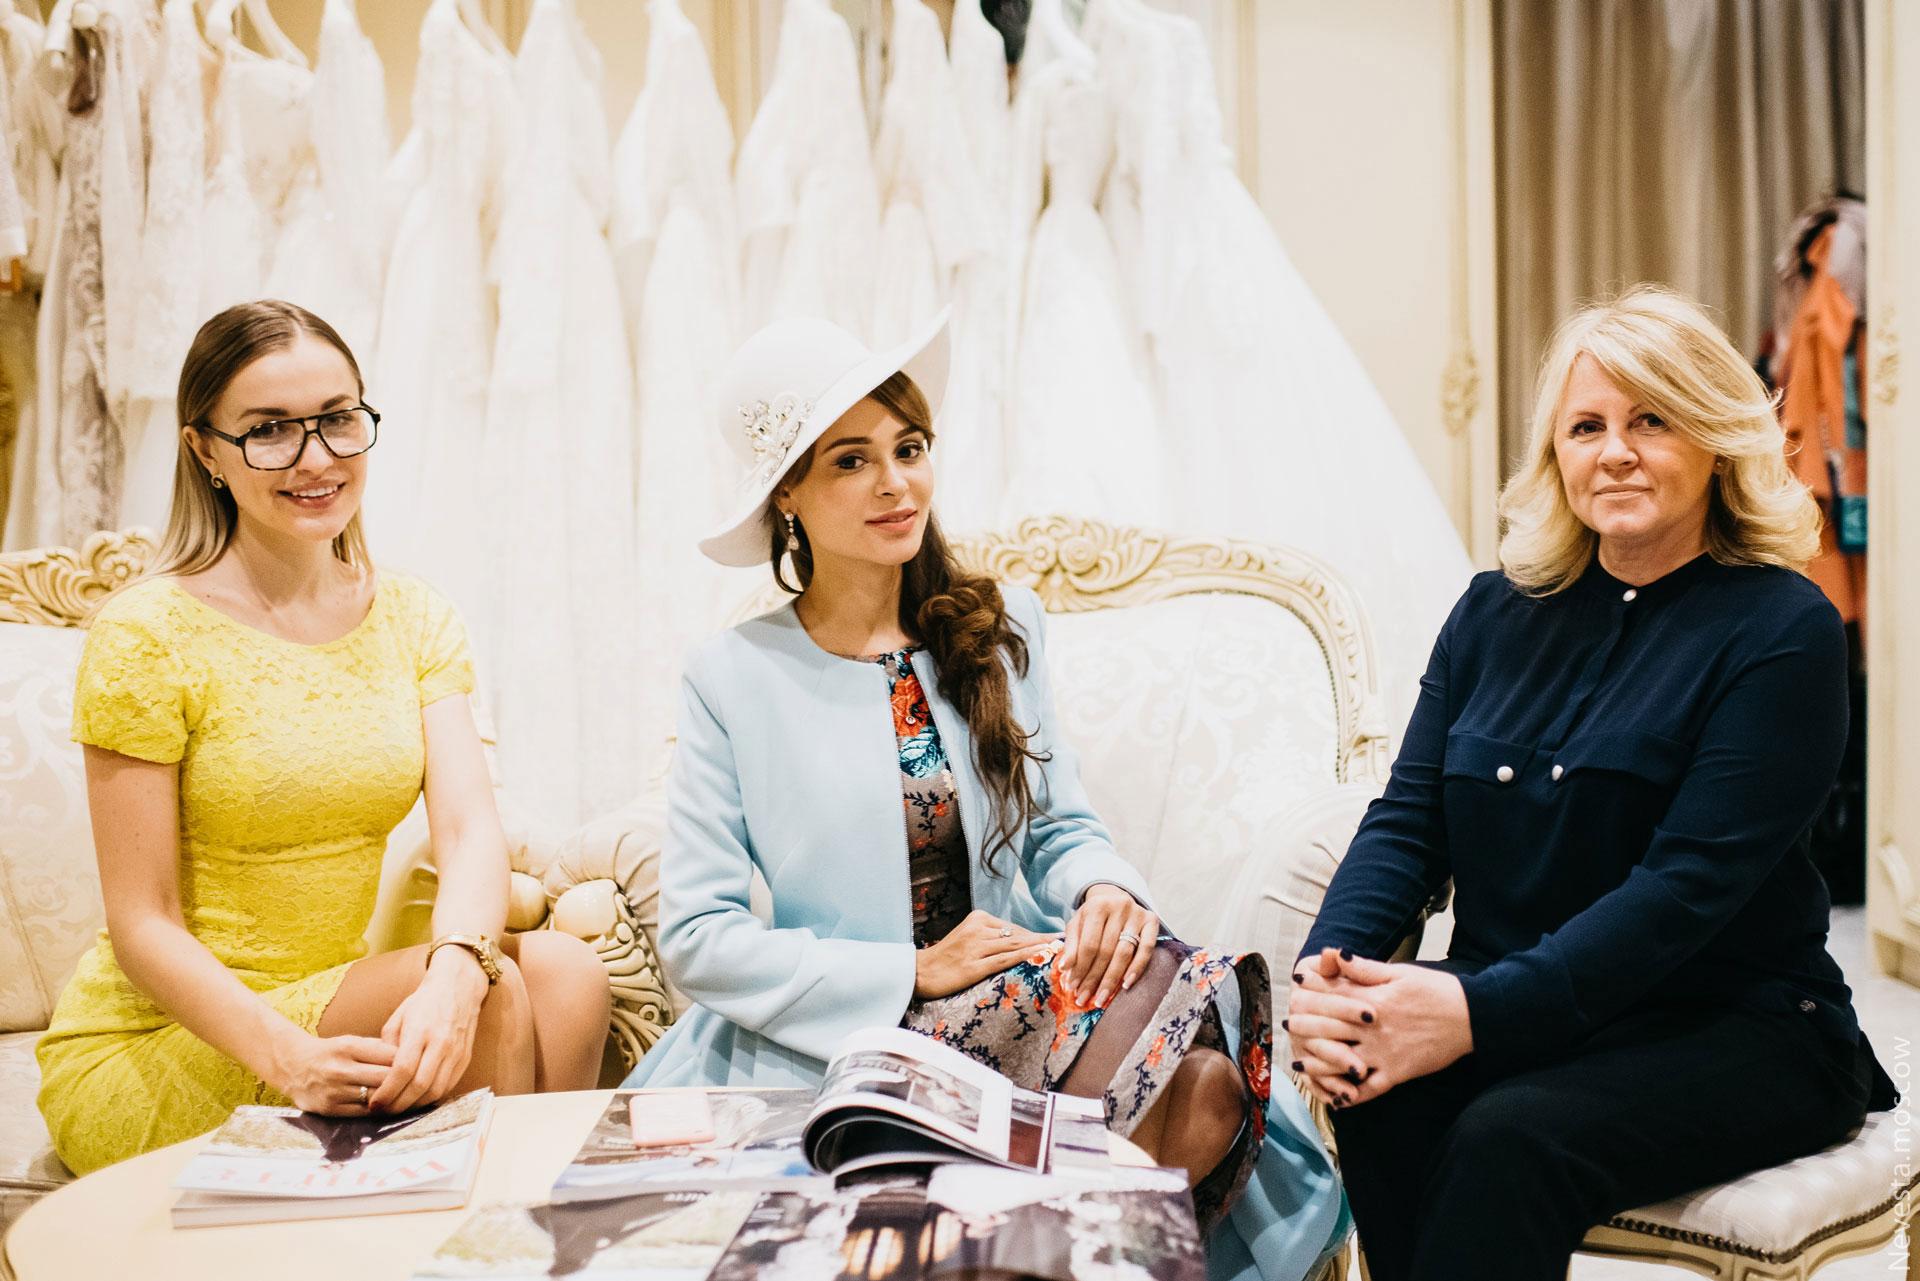 Анна Калашникова выбирает образ для своей свадьбы фото 7